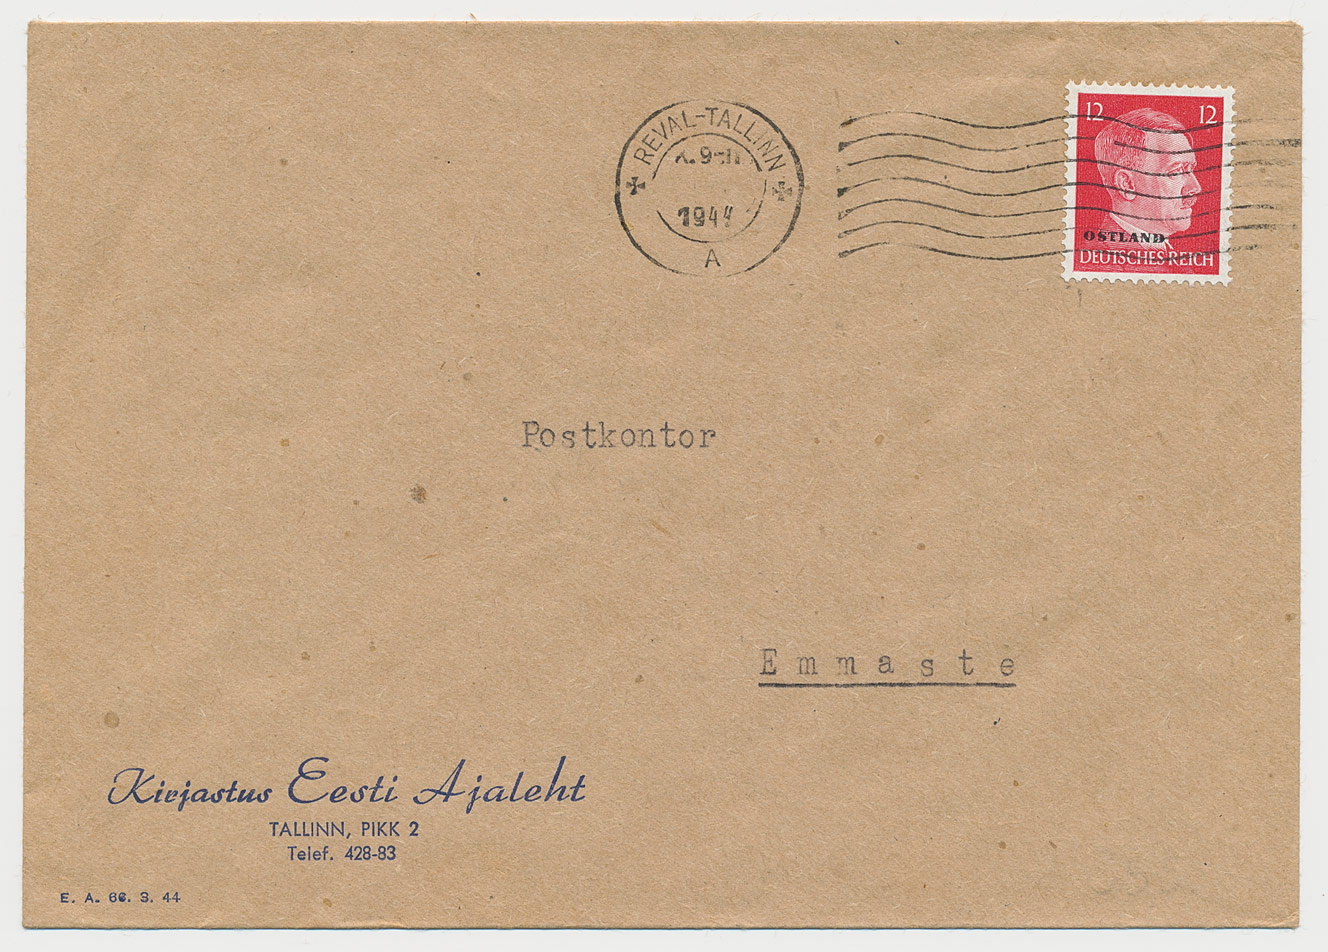 0351-Ostland-Reval-Tallinn-masintempel-kuupäevata-Emmastesse-1944-postiajalugu-ee